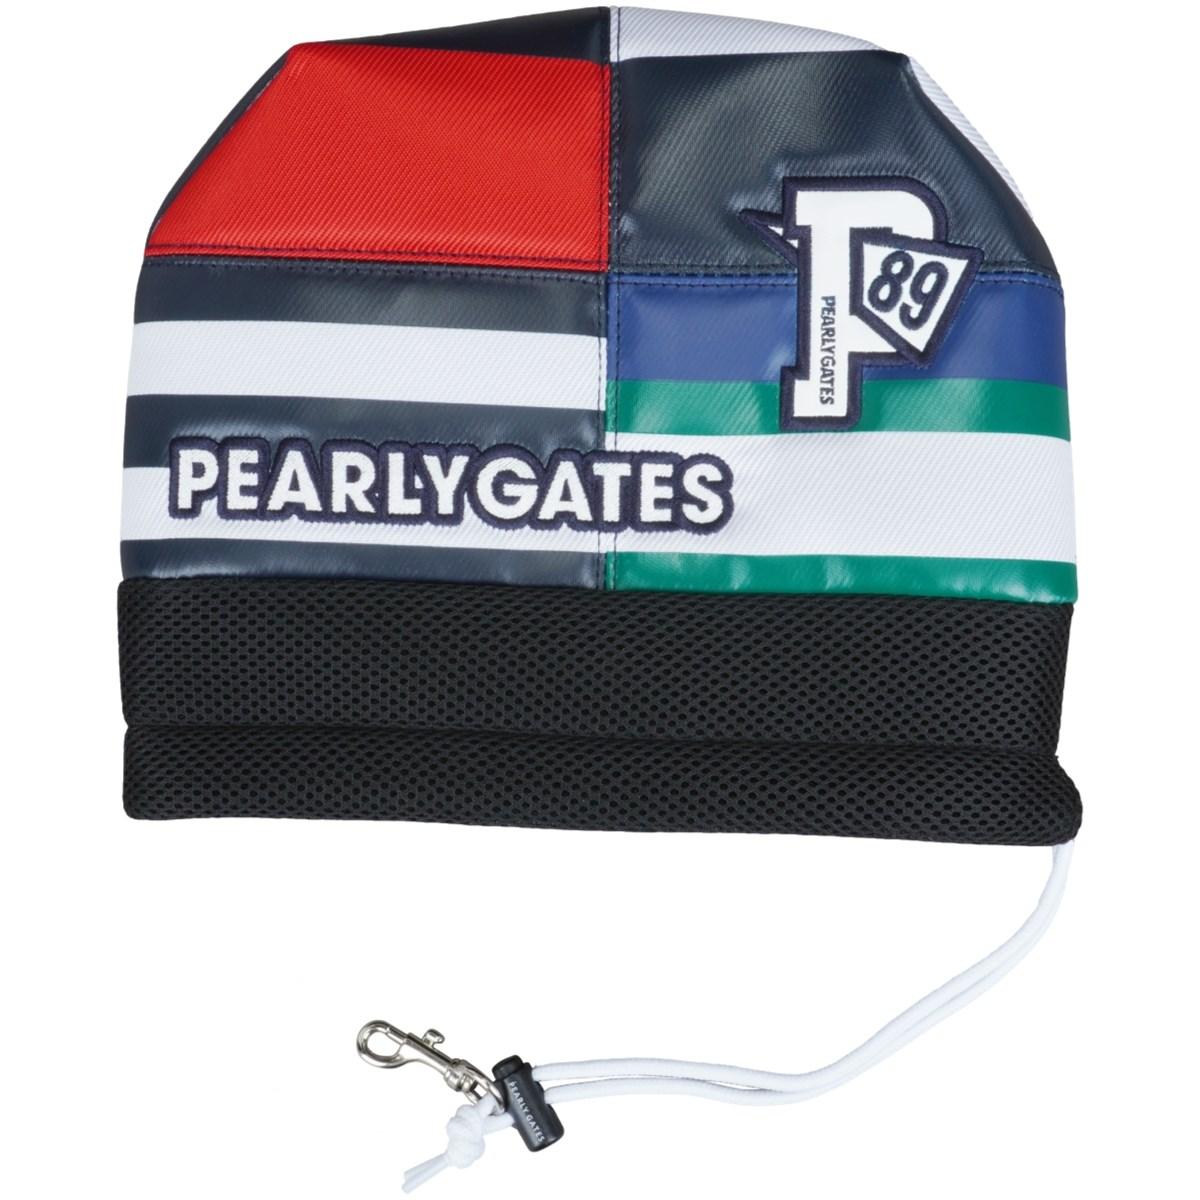 [2021年モデル] パーリーゲイツ PEARLY GATES マルチボーダー アイアンカバー ネイビー 120 ゴルフ